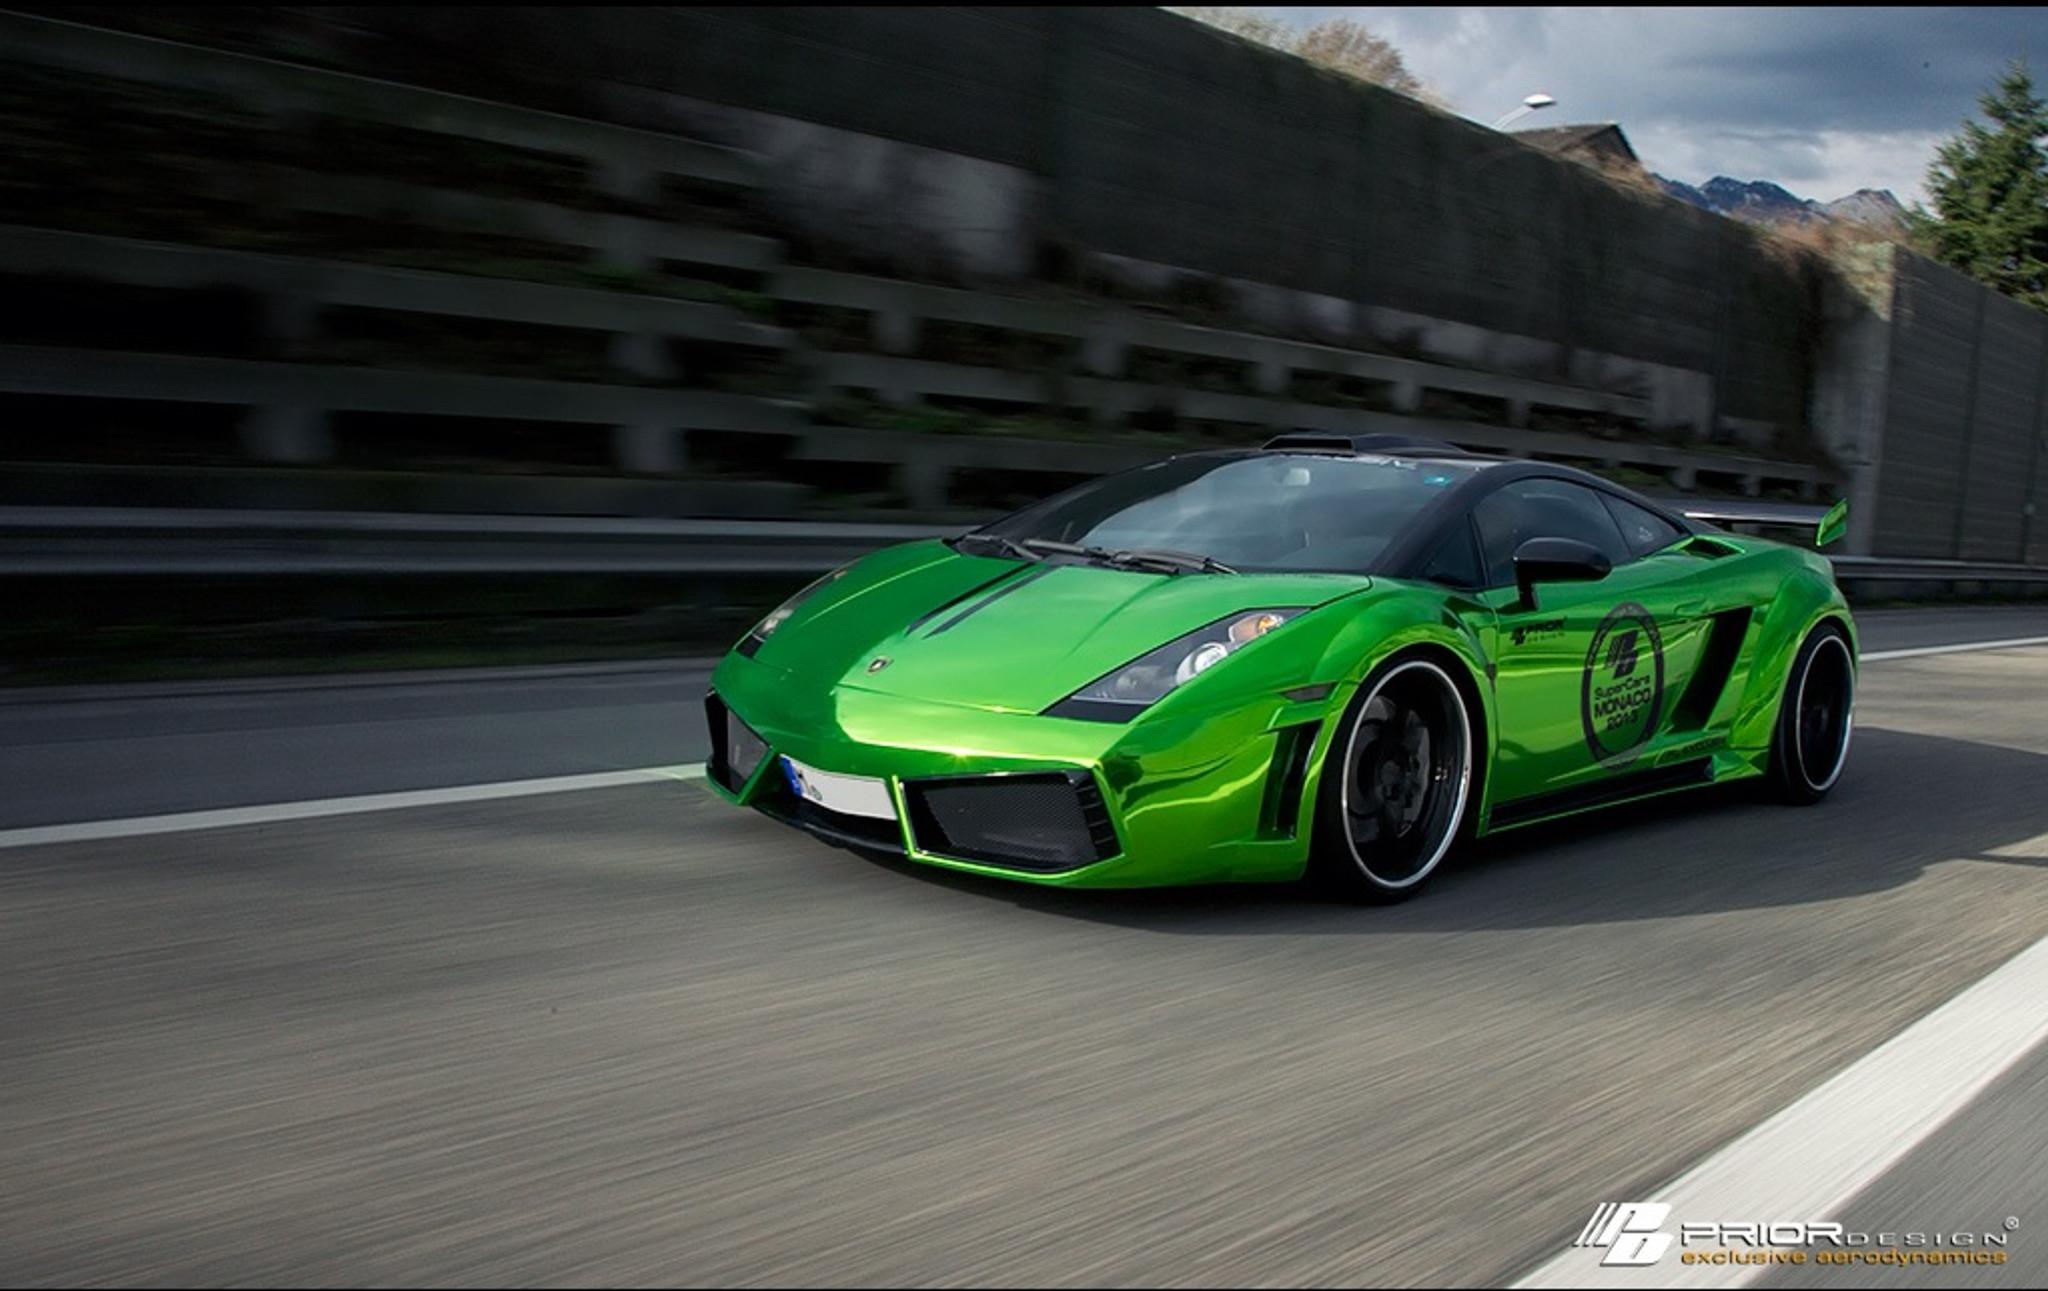 Lamborghini Gallardo Prior Design Pd L800 Wide Body Kit Meduza